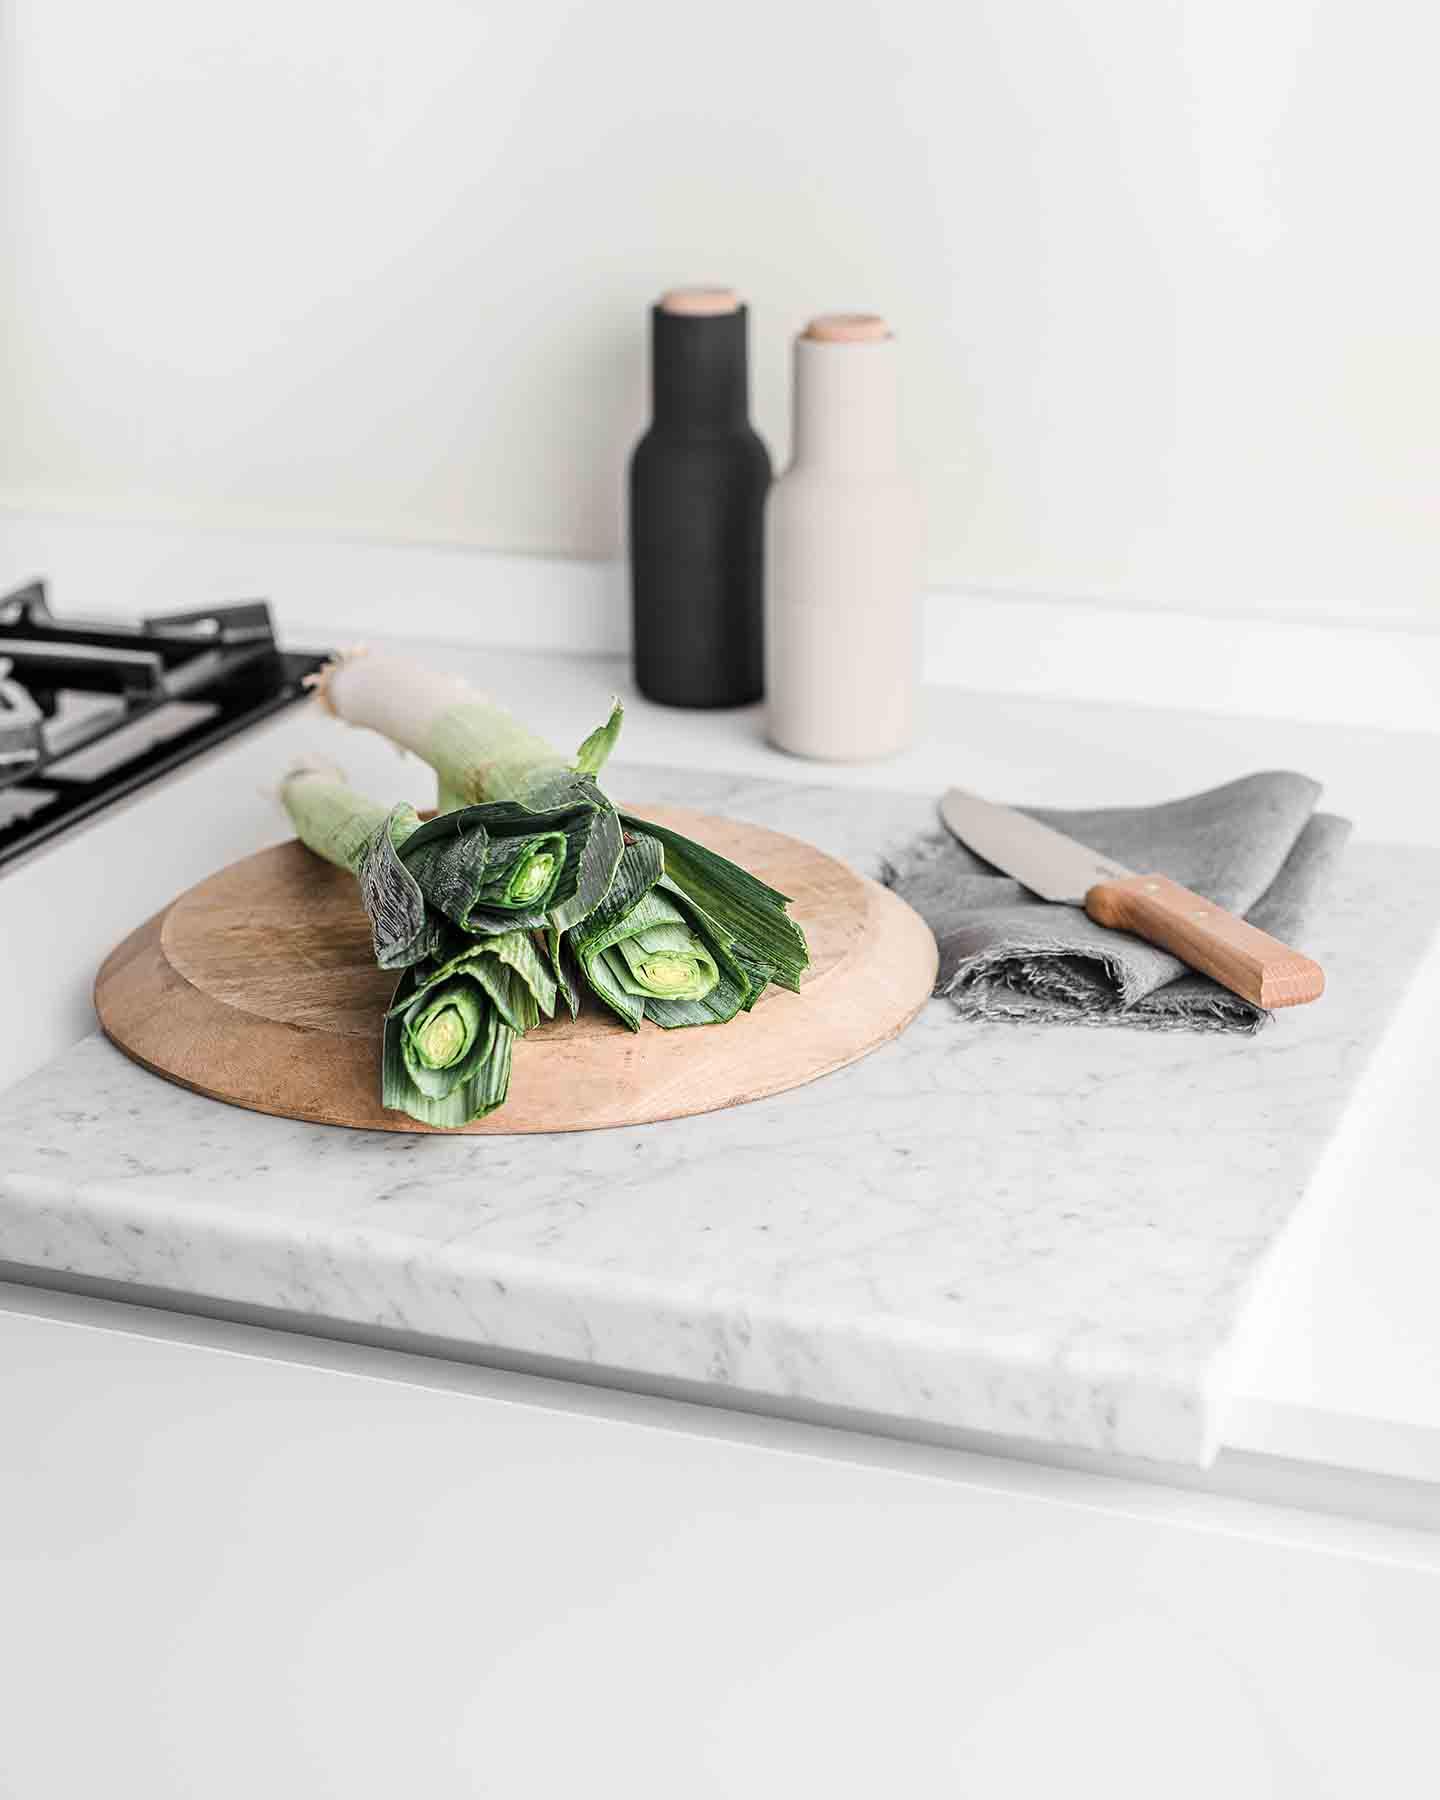 Tagliere Per Piano Cucina ikea a ki? - tagliere modello ikea® in marmo bianco